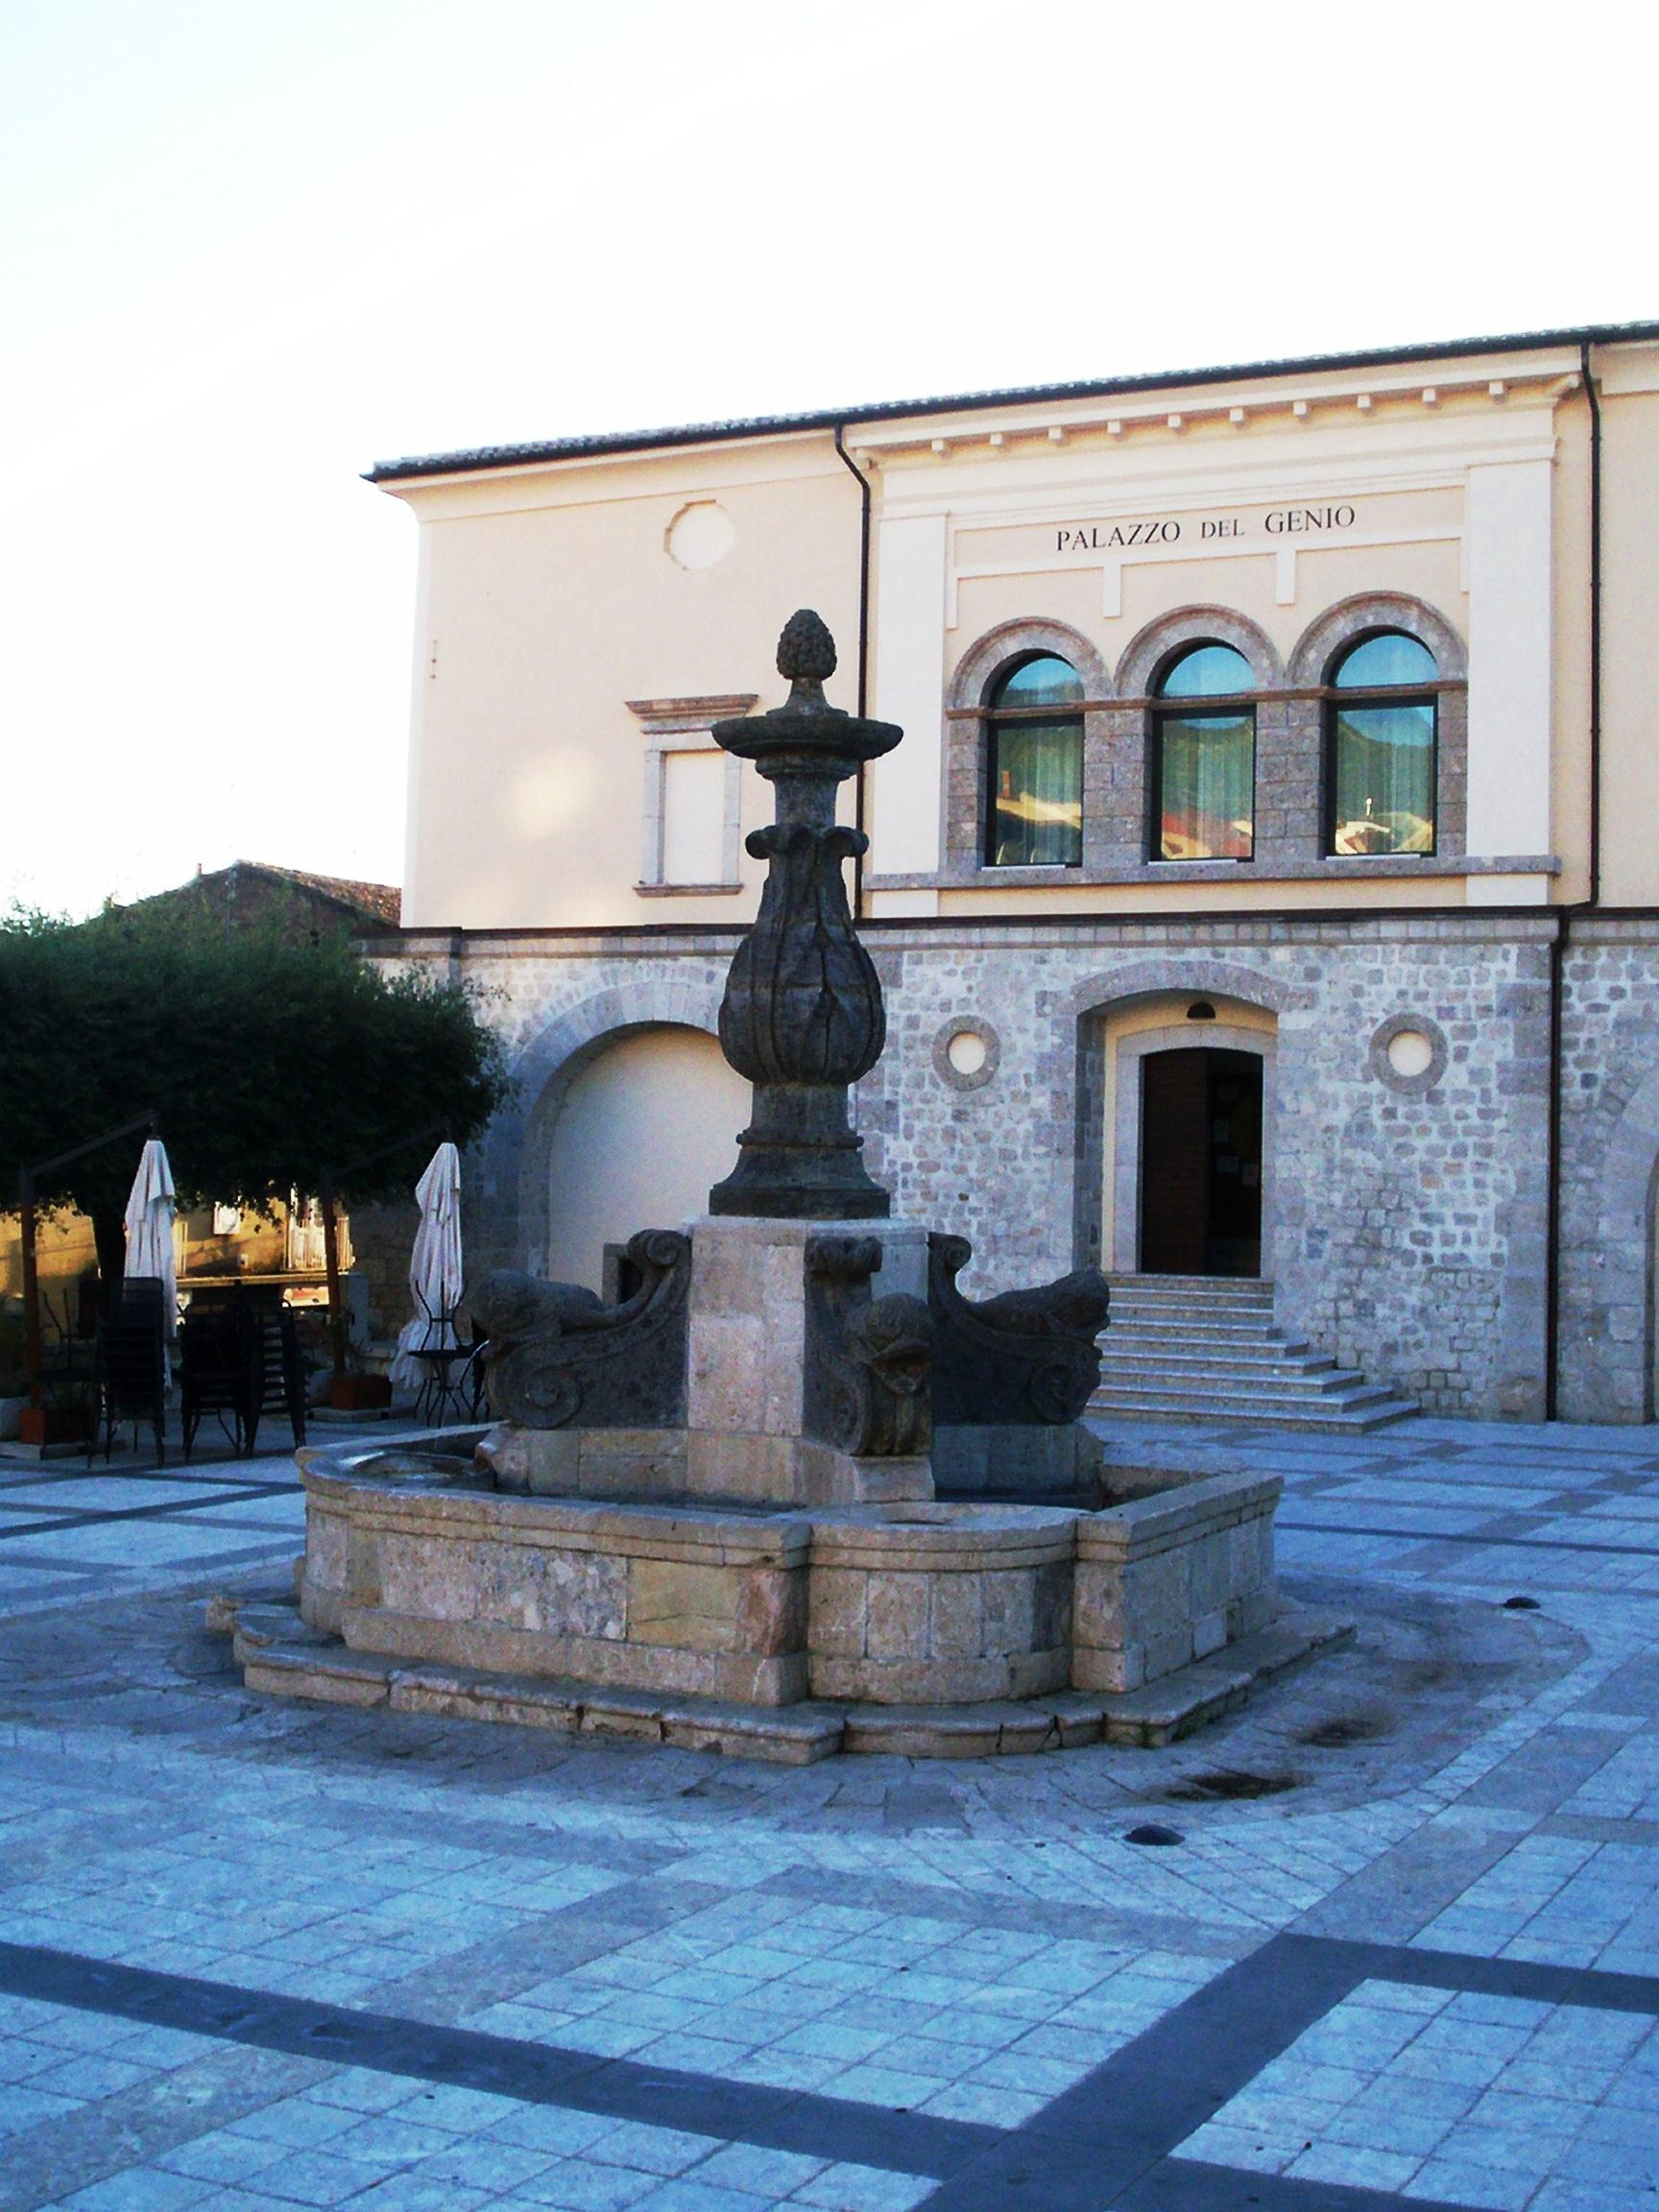 fontana_dei_delfini_e_palazzo_del_genio_-_cerreto_sannita